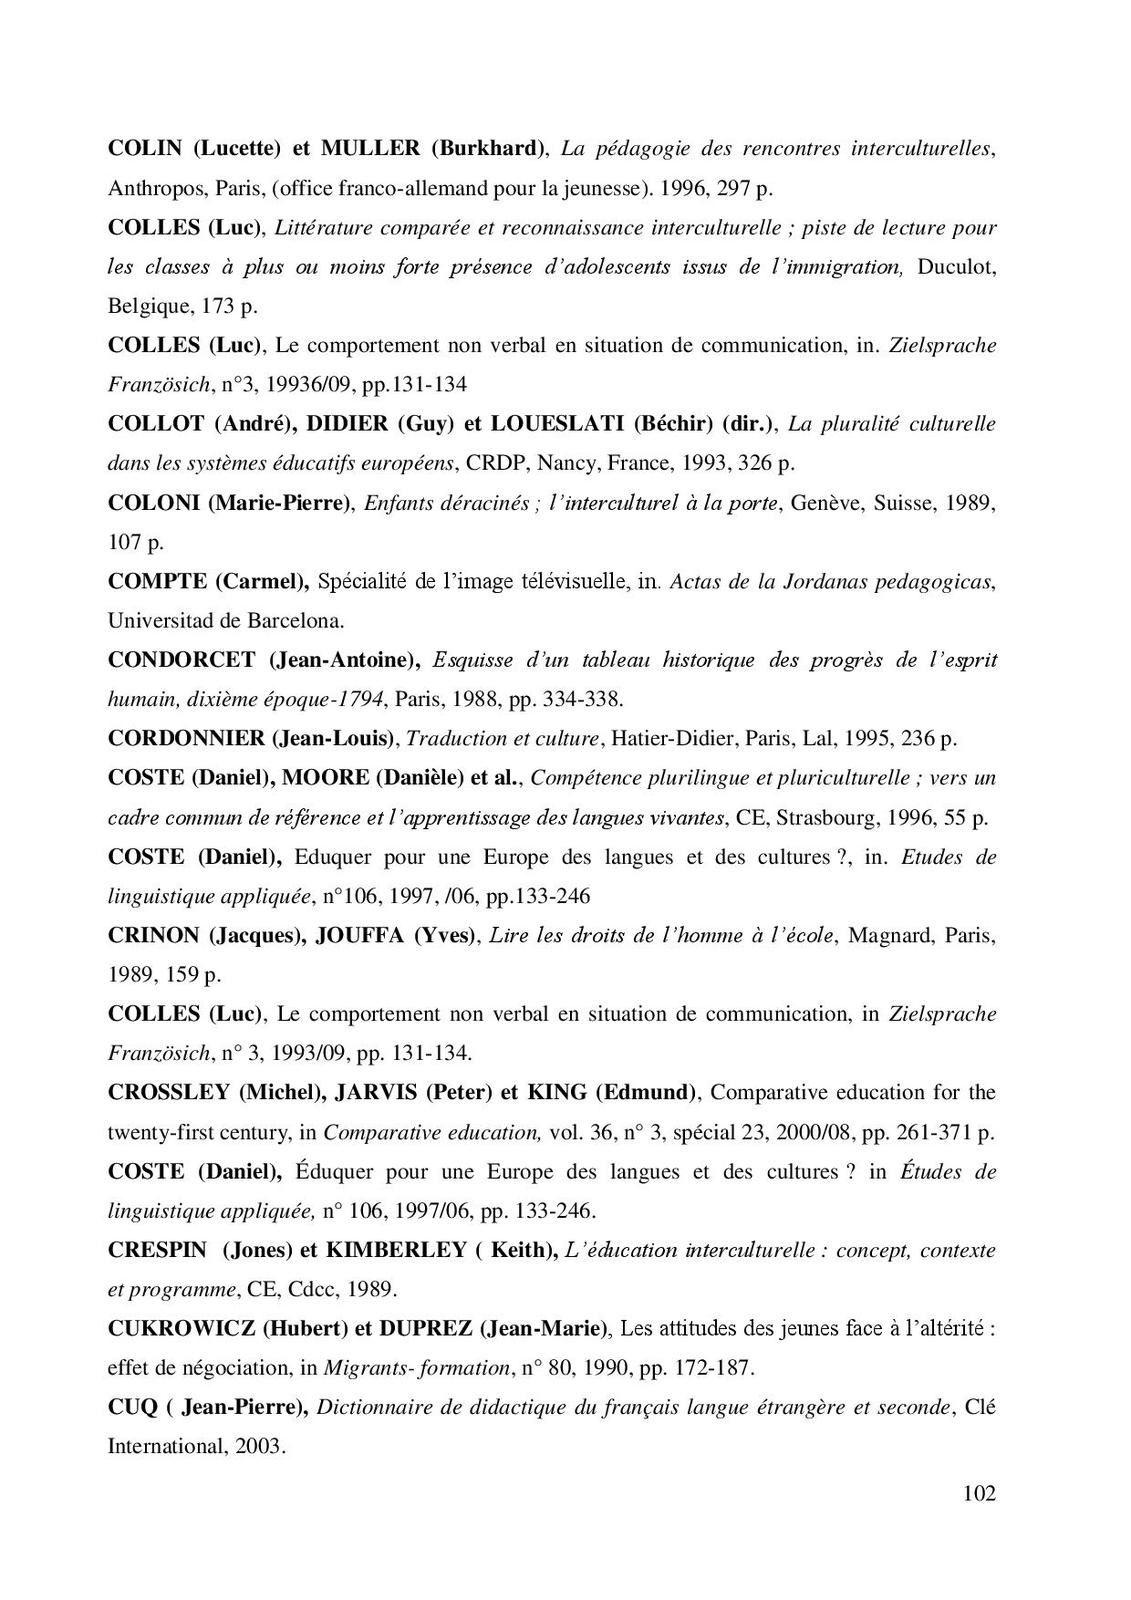 Manuel d'auto-formation de civilisation française par Eric Baiblé 4/5